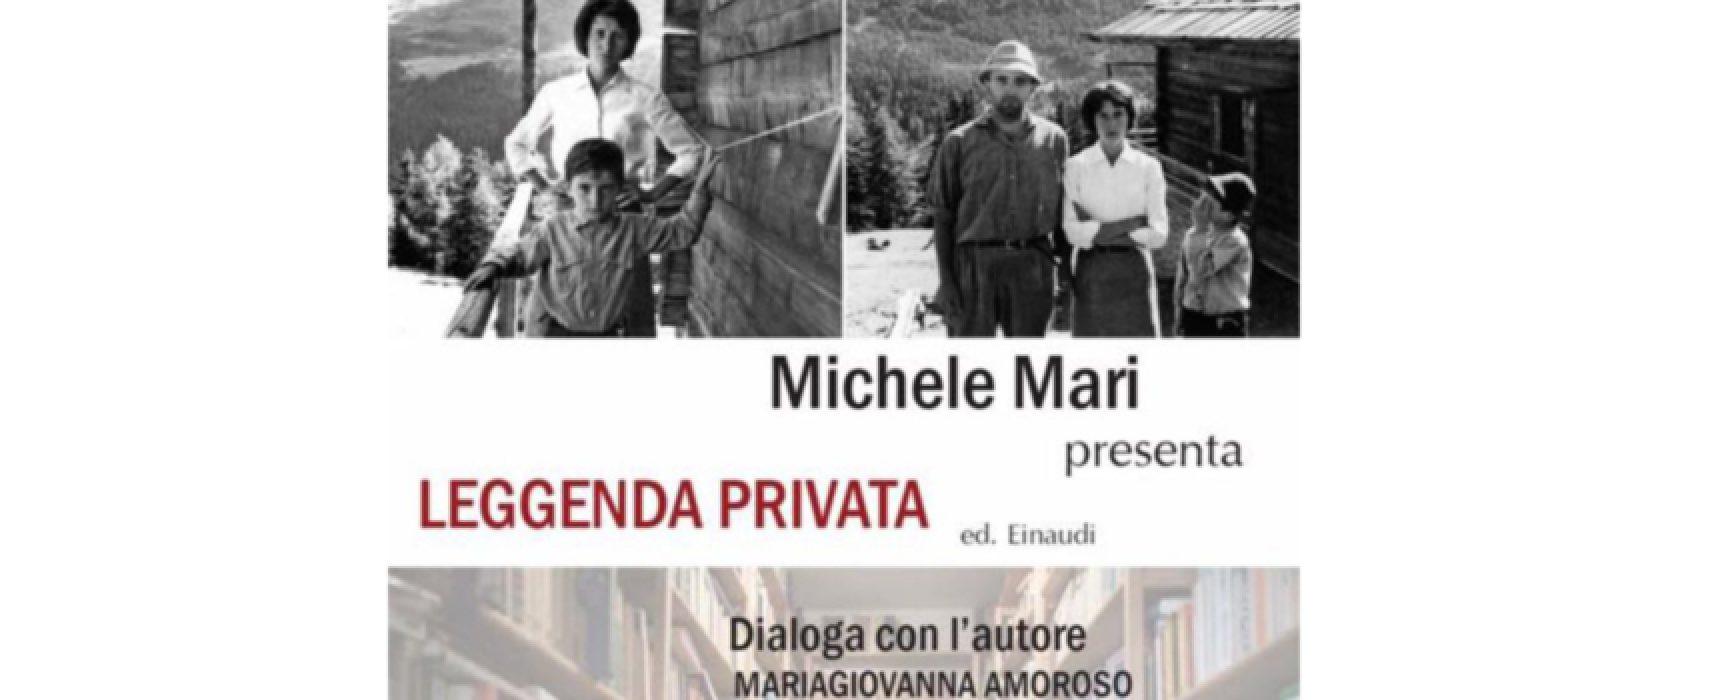 """Stasera Michele Mari presenta il suo """"Leggenda privata"""" alle Vecchie Segherie Mastrototaro"""